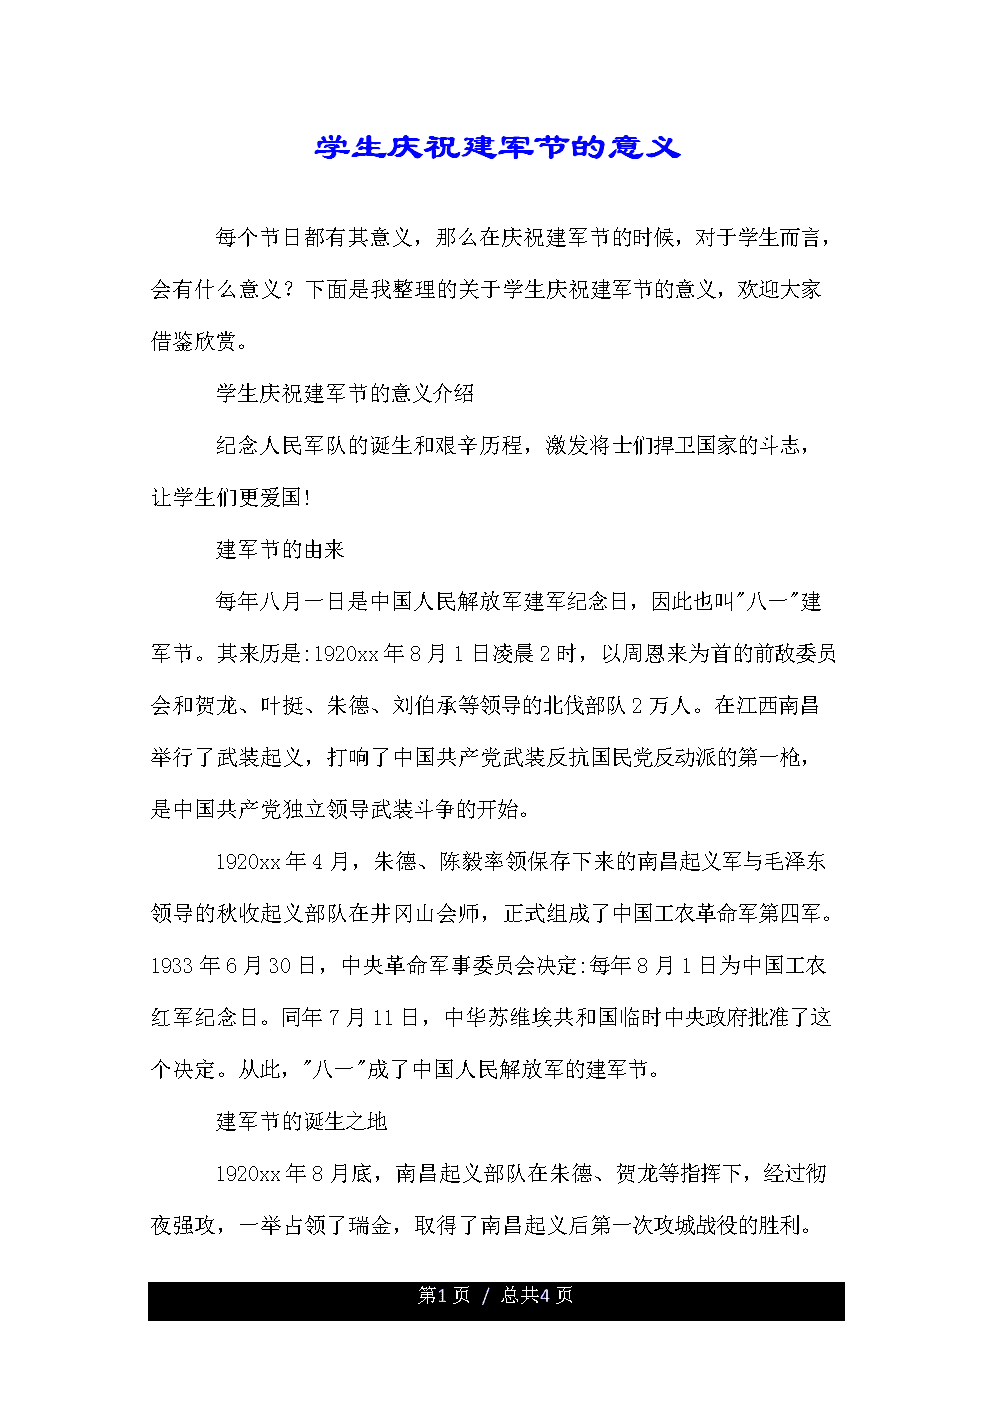 精选学生庆祝建军节的意义.doc